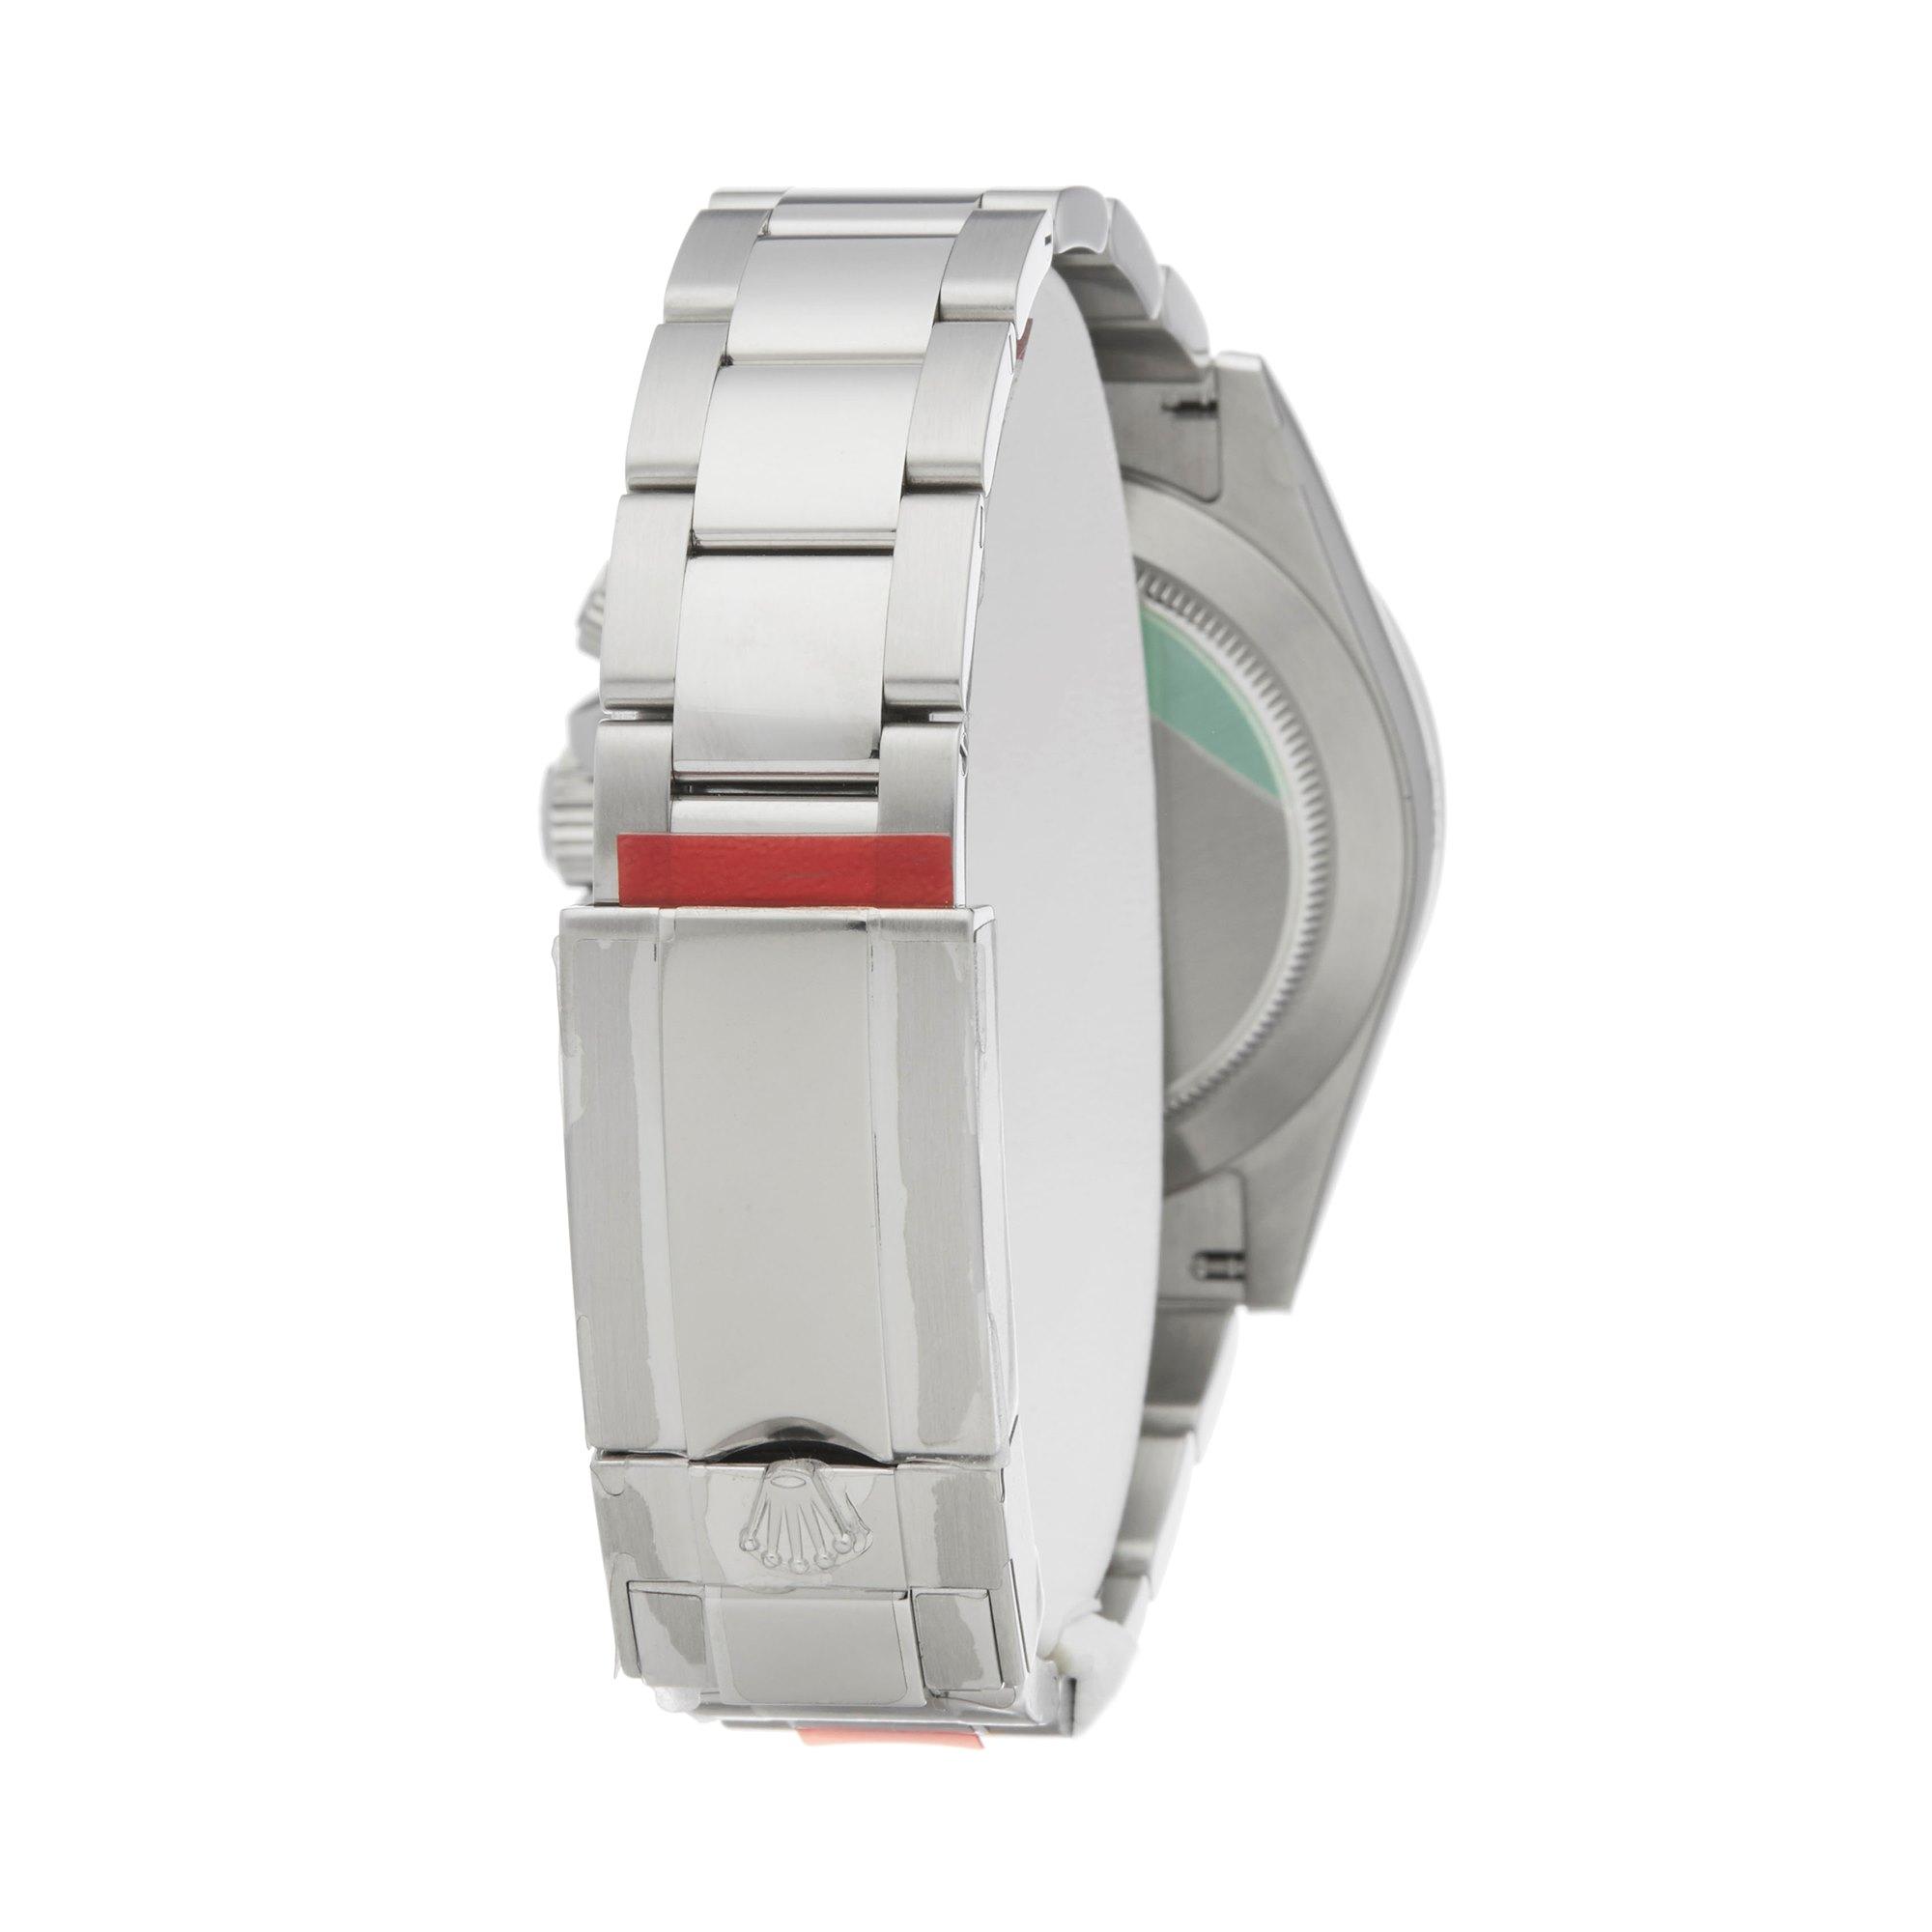 Lot 28 - Rolex Daytona 116520 Men Stainless Steel Chronograph Stickered NOS Watch